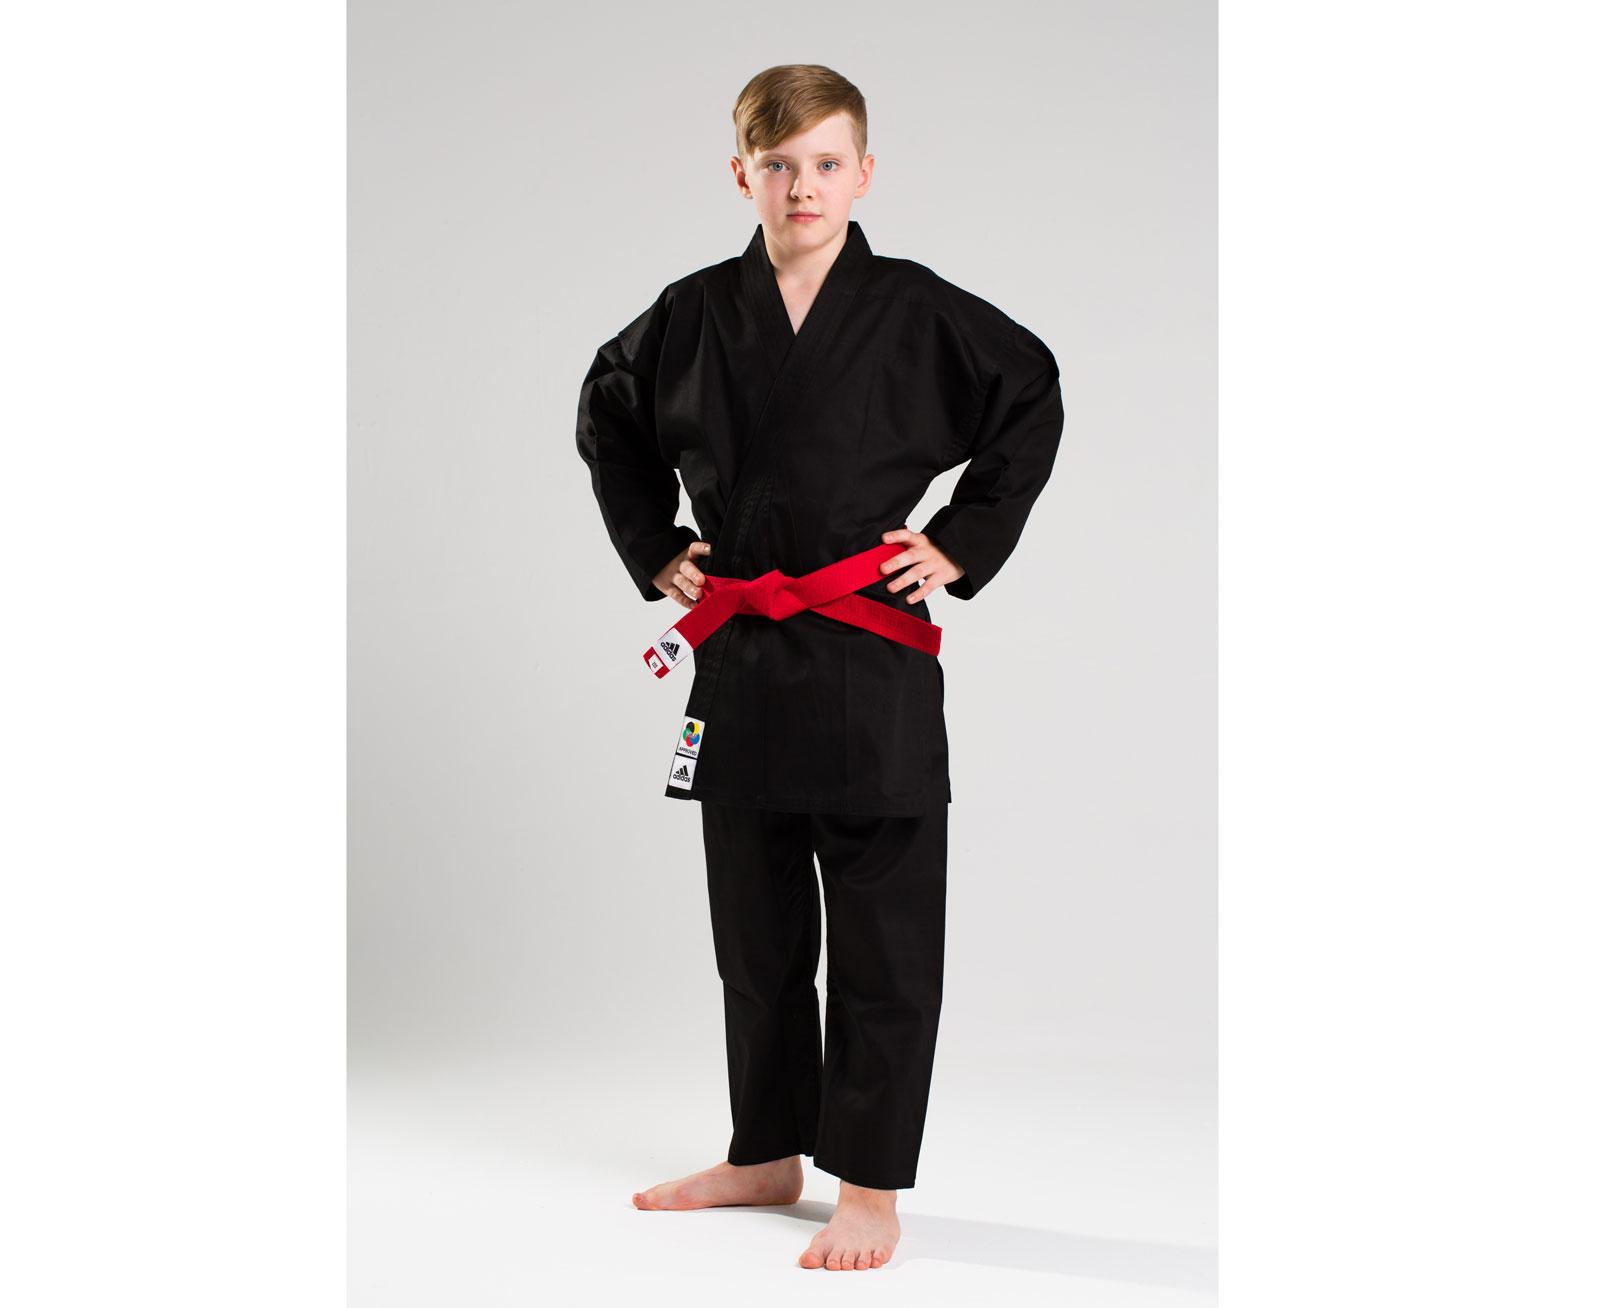 Детское кимоно для карате Club Black WKF Adidas черное (арт. 11173)  - купить со скидкой